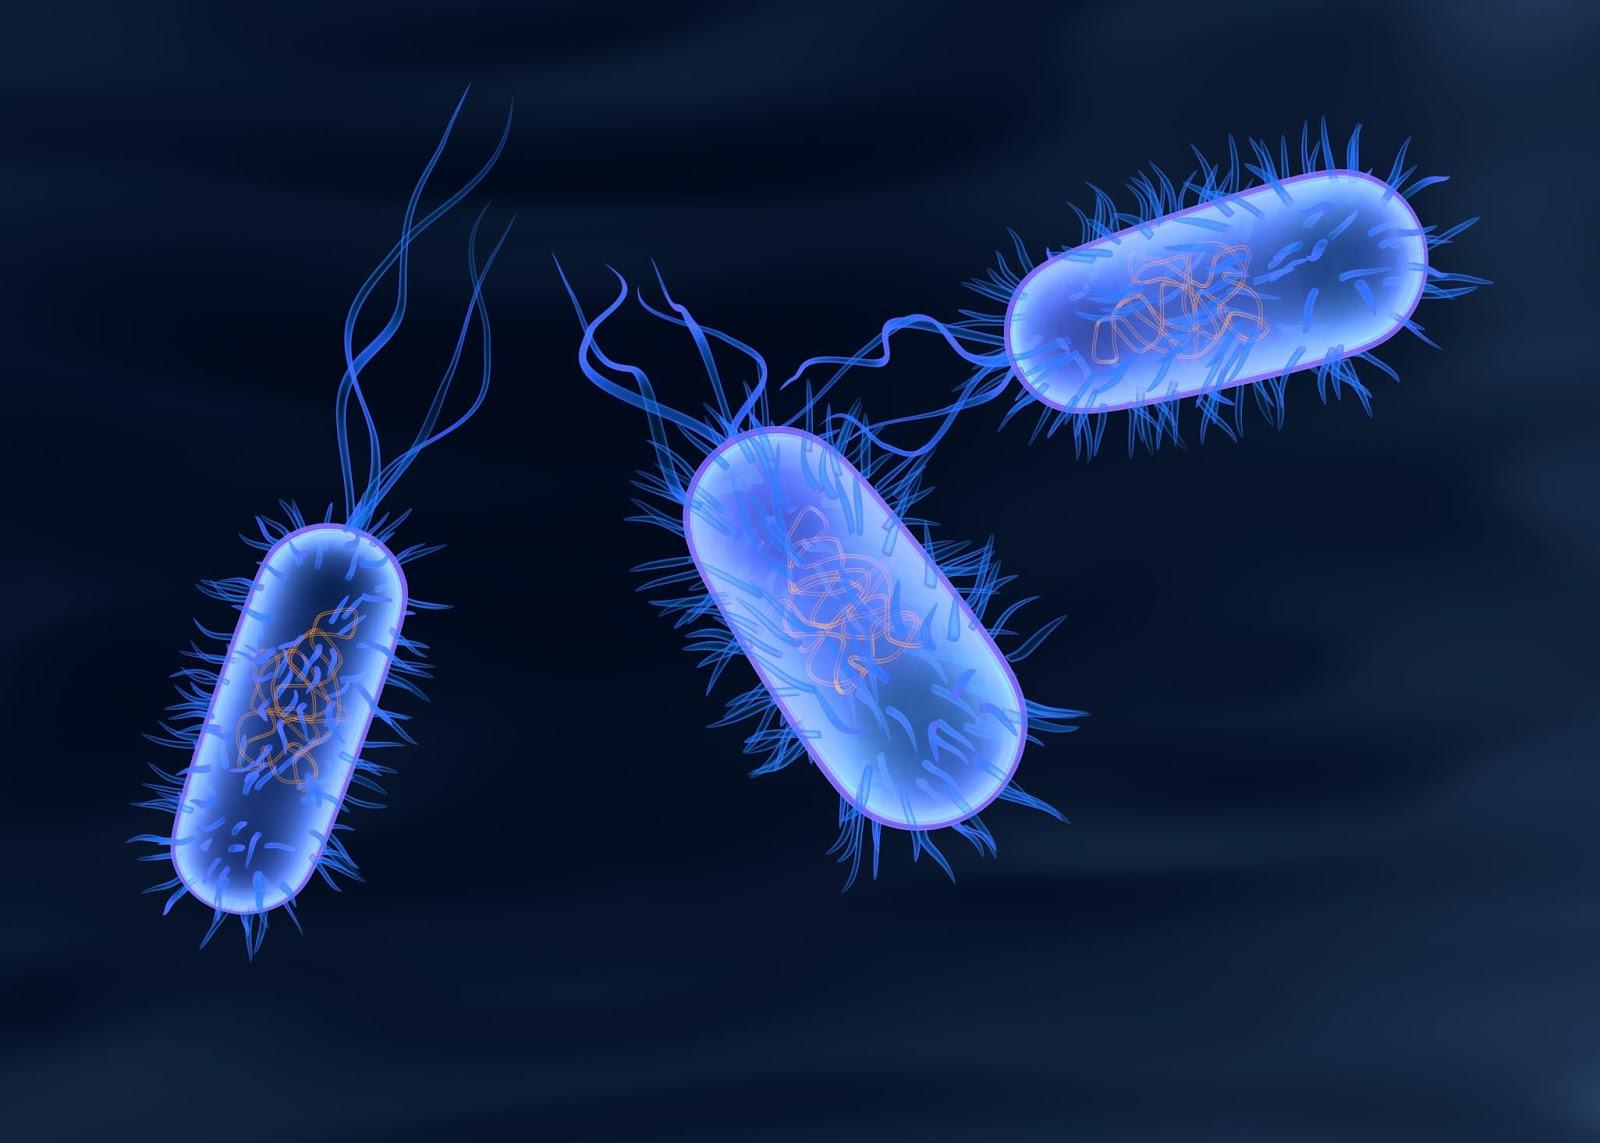 Кишечная инфекция: сальмонеллез - симптомы и лечение